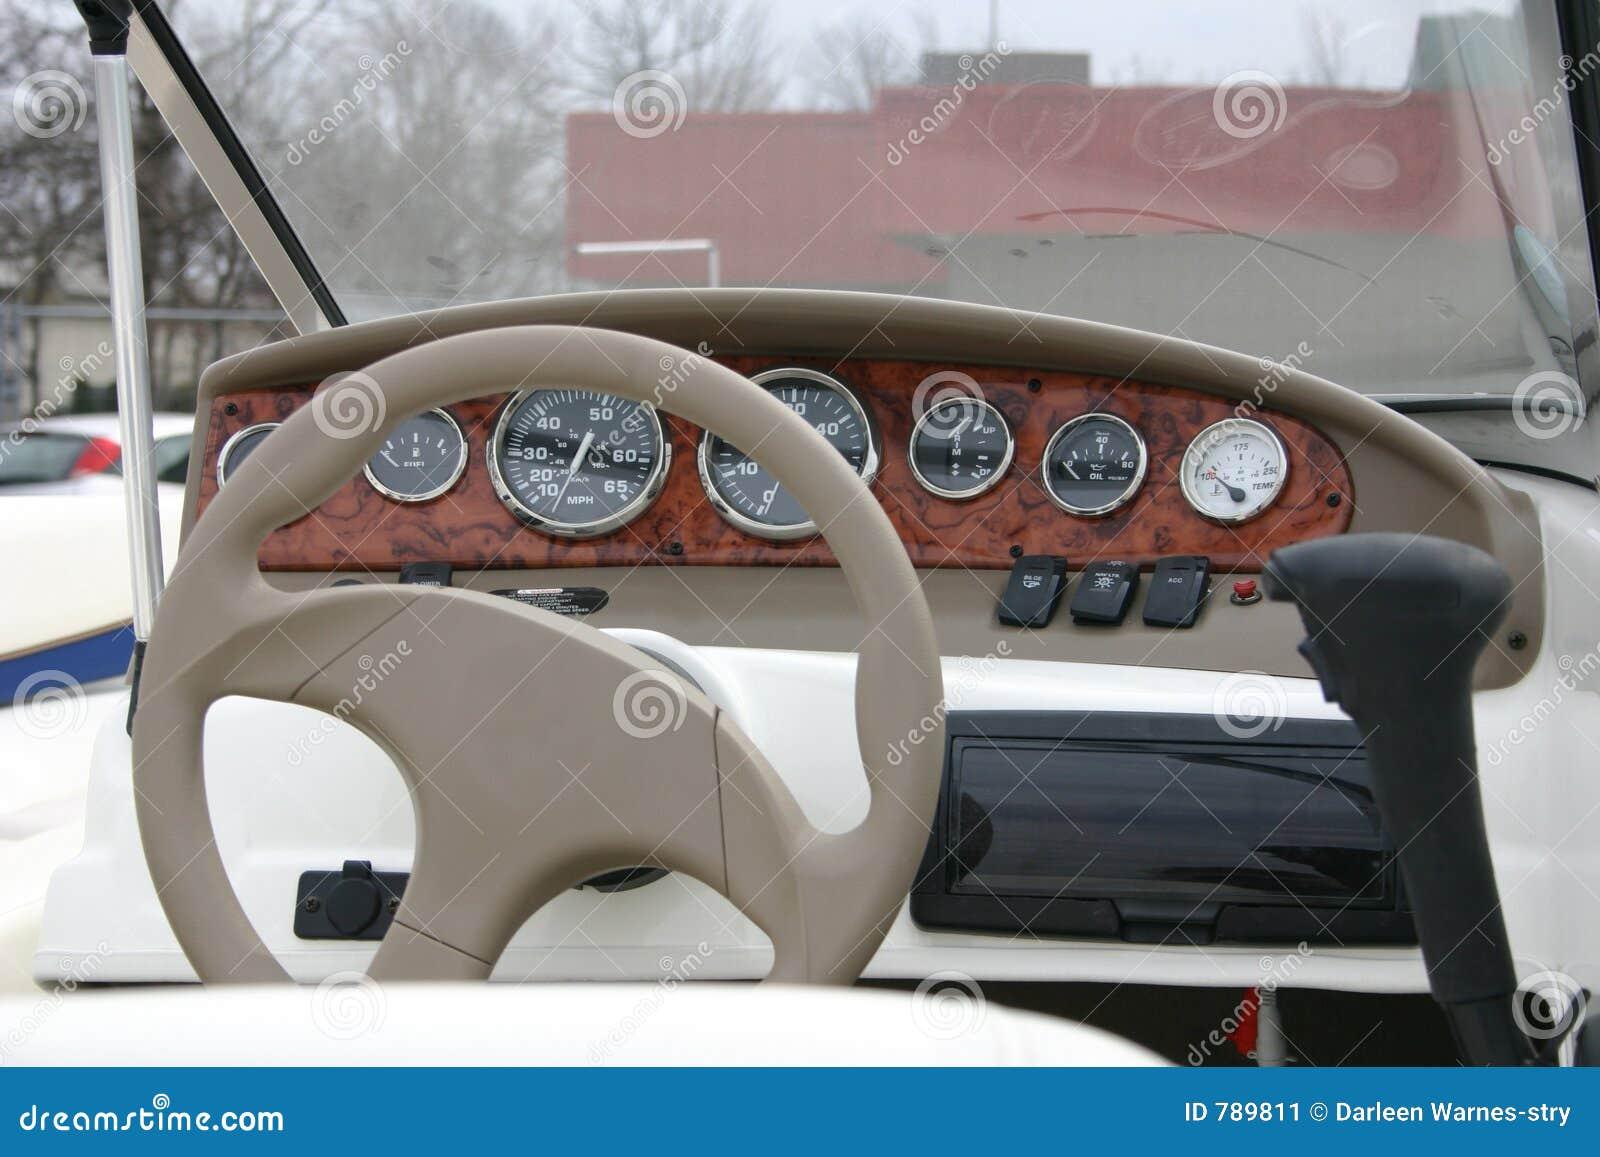 Motor Boat Dashboard